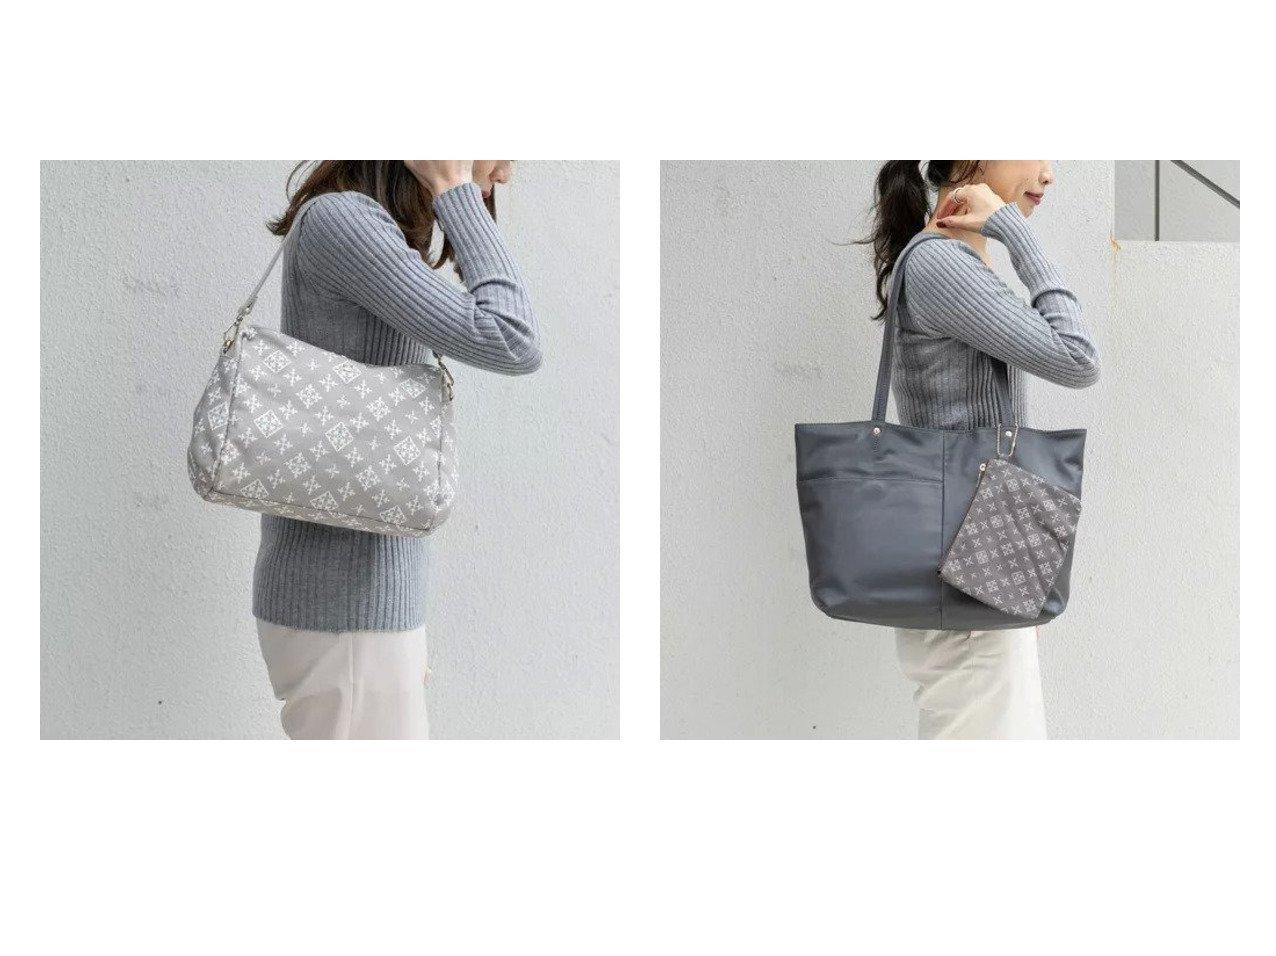 【russet/ラシット】のソフトレザートートバッグ(CE-923)&2WAYショルダーバッグ【コットンジャガード】(CE-928) バッグ・鞄のおすすめ!人気、トレンド・レディースファッションの通販 おすすめで人気の流行・トレンド、ファッションの通販商品 メンズファッション・キッズファッション・インテリア・家具・レディースファッション・服の通販 founy(ファニー) https://founy.com/ ファッション Fashion レディースファッション WOMEN バッグ Bag アイビー 今季 軽量 ショルダー シルバー 財布 トラベル トレンチ 定番 Standard ベーシック ポケット アシンメトリー ポーチ マグネット モノトーン  ID:crp329100000014486